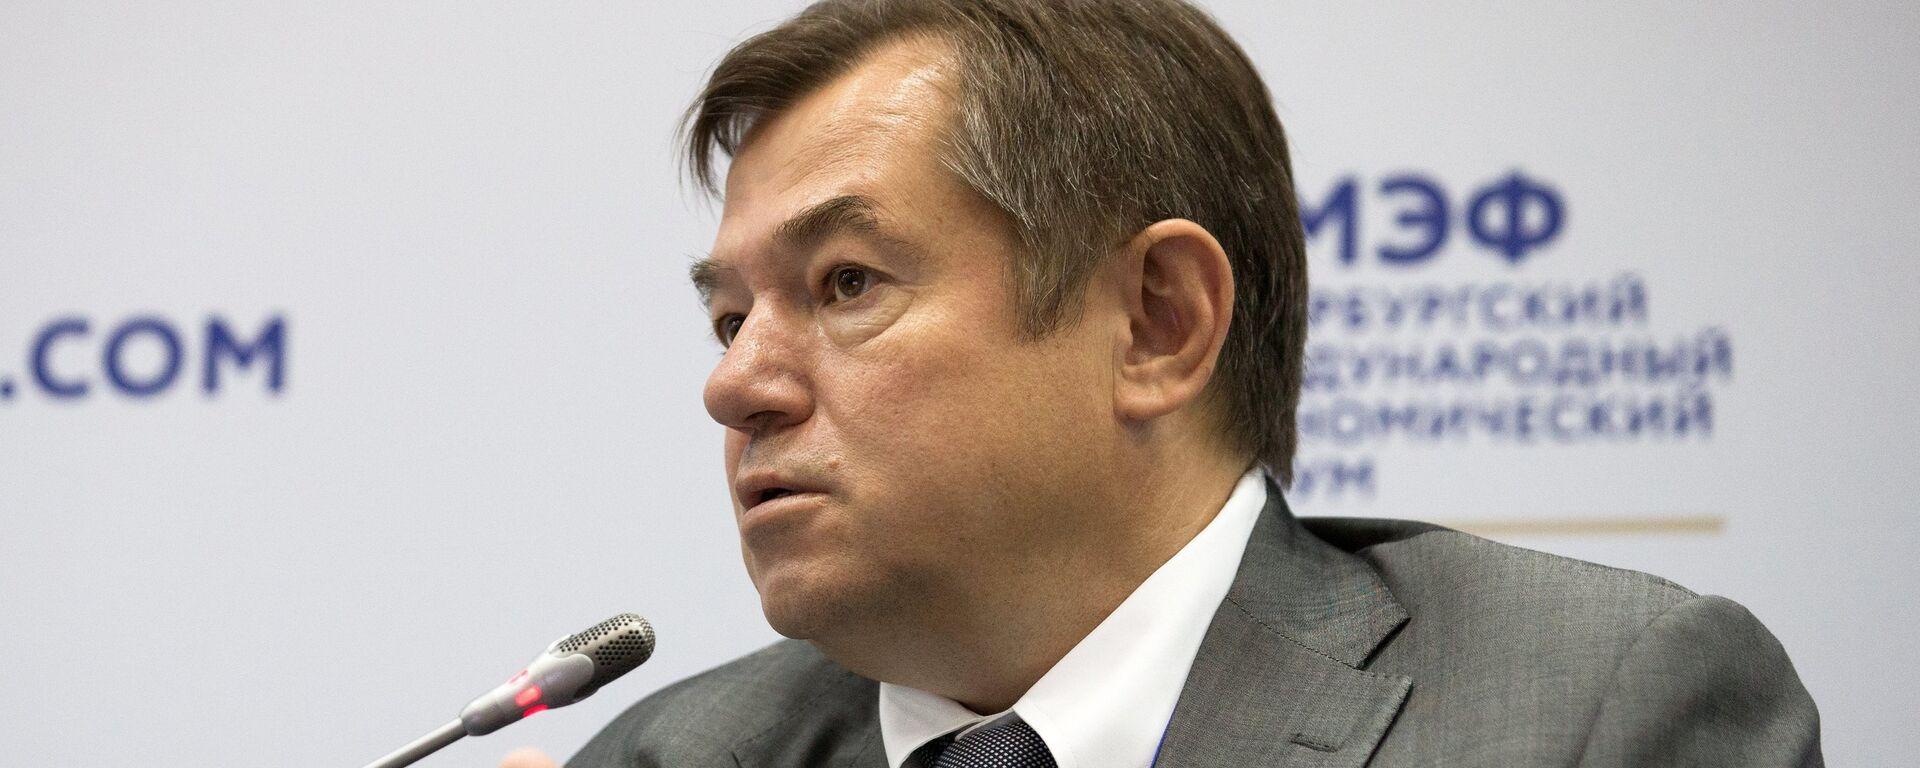 Сергей Глазьев - Sputnik Армения, 1920, 04.09.2021